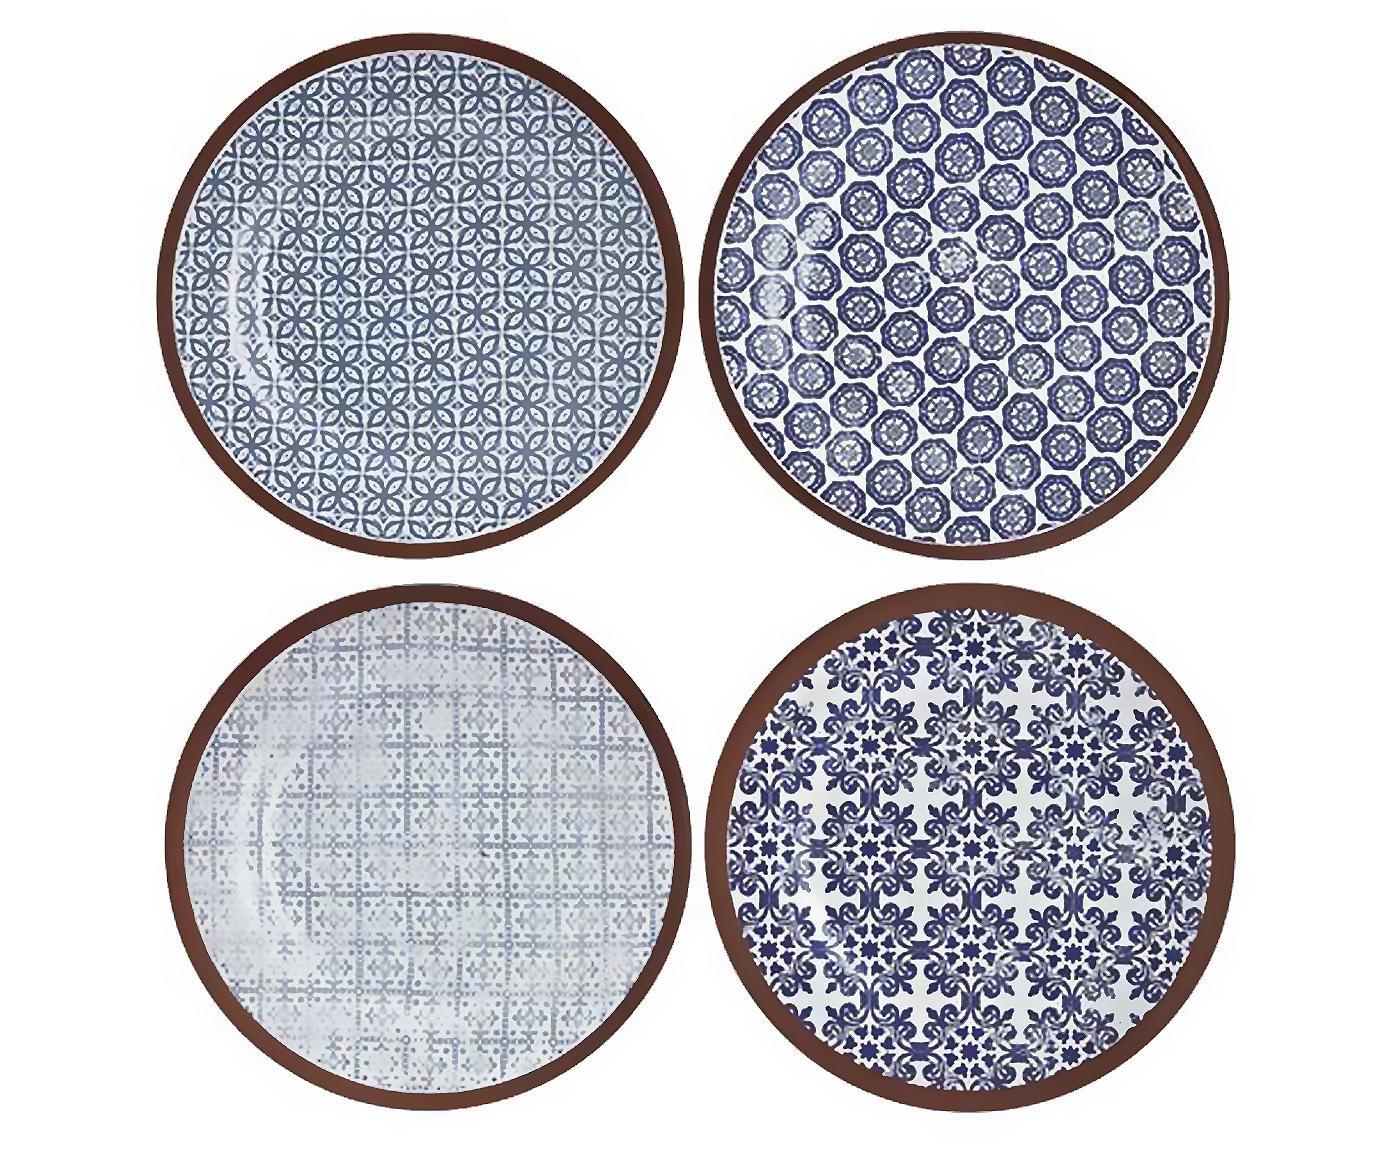 Handgemaakte ontbijtbordenset Tapas, 4-delig, Terracotta, Blauw, wit, bruin, Ø 19 cm